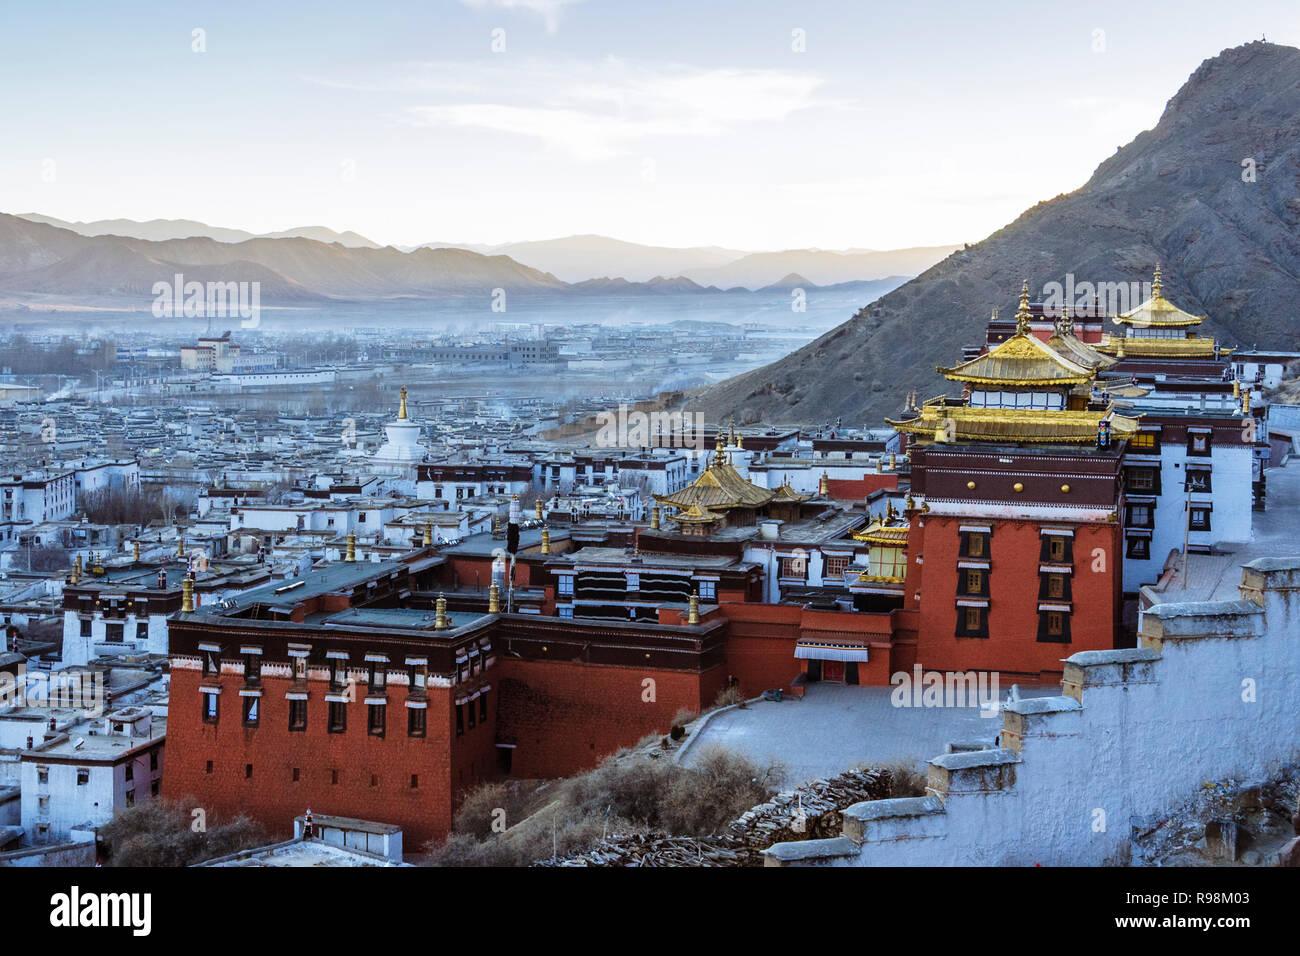 Shigatse, regione autonoma del Tibet, Cina : Tashi Lhunpo monastero, la sede tradizionale del Panchen Lama fondata nel 1447 dal primo Dalai Lama. Immagini Stock